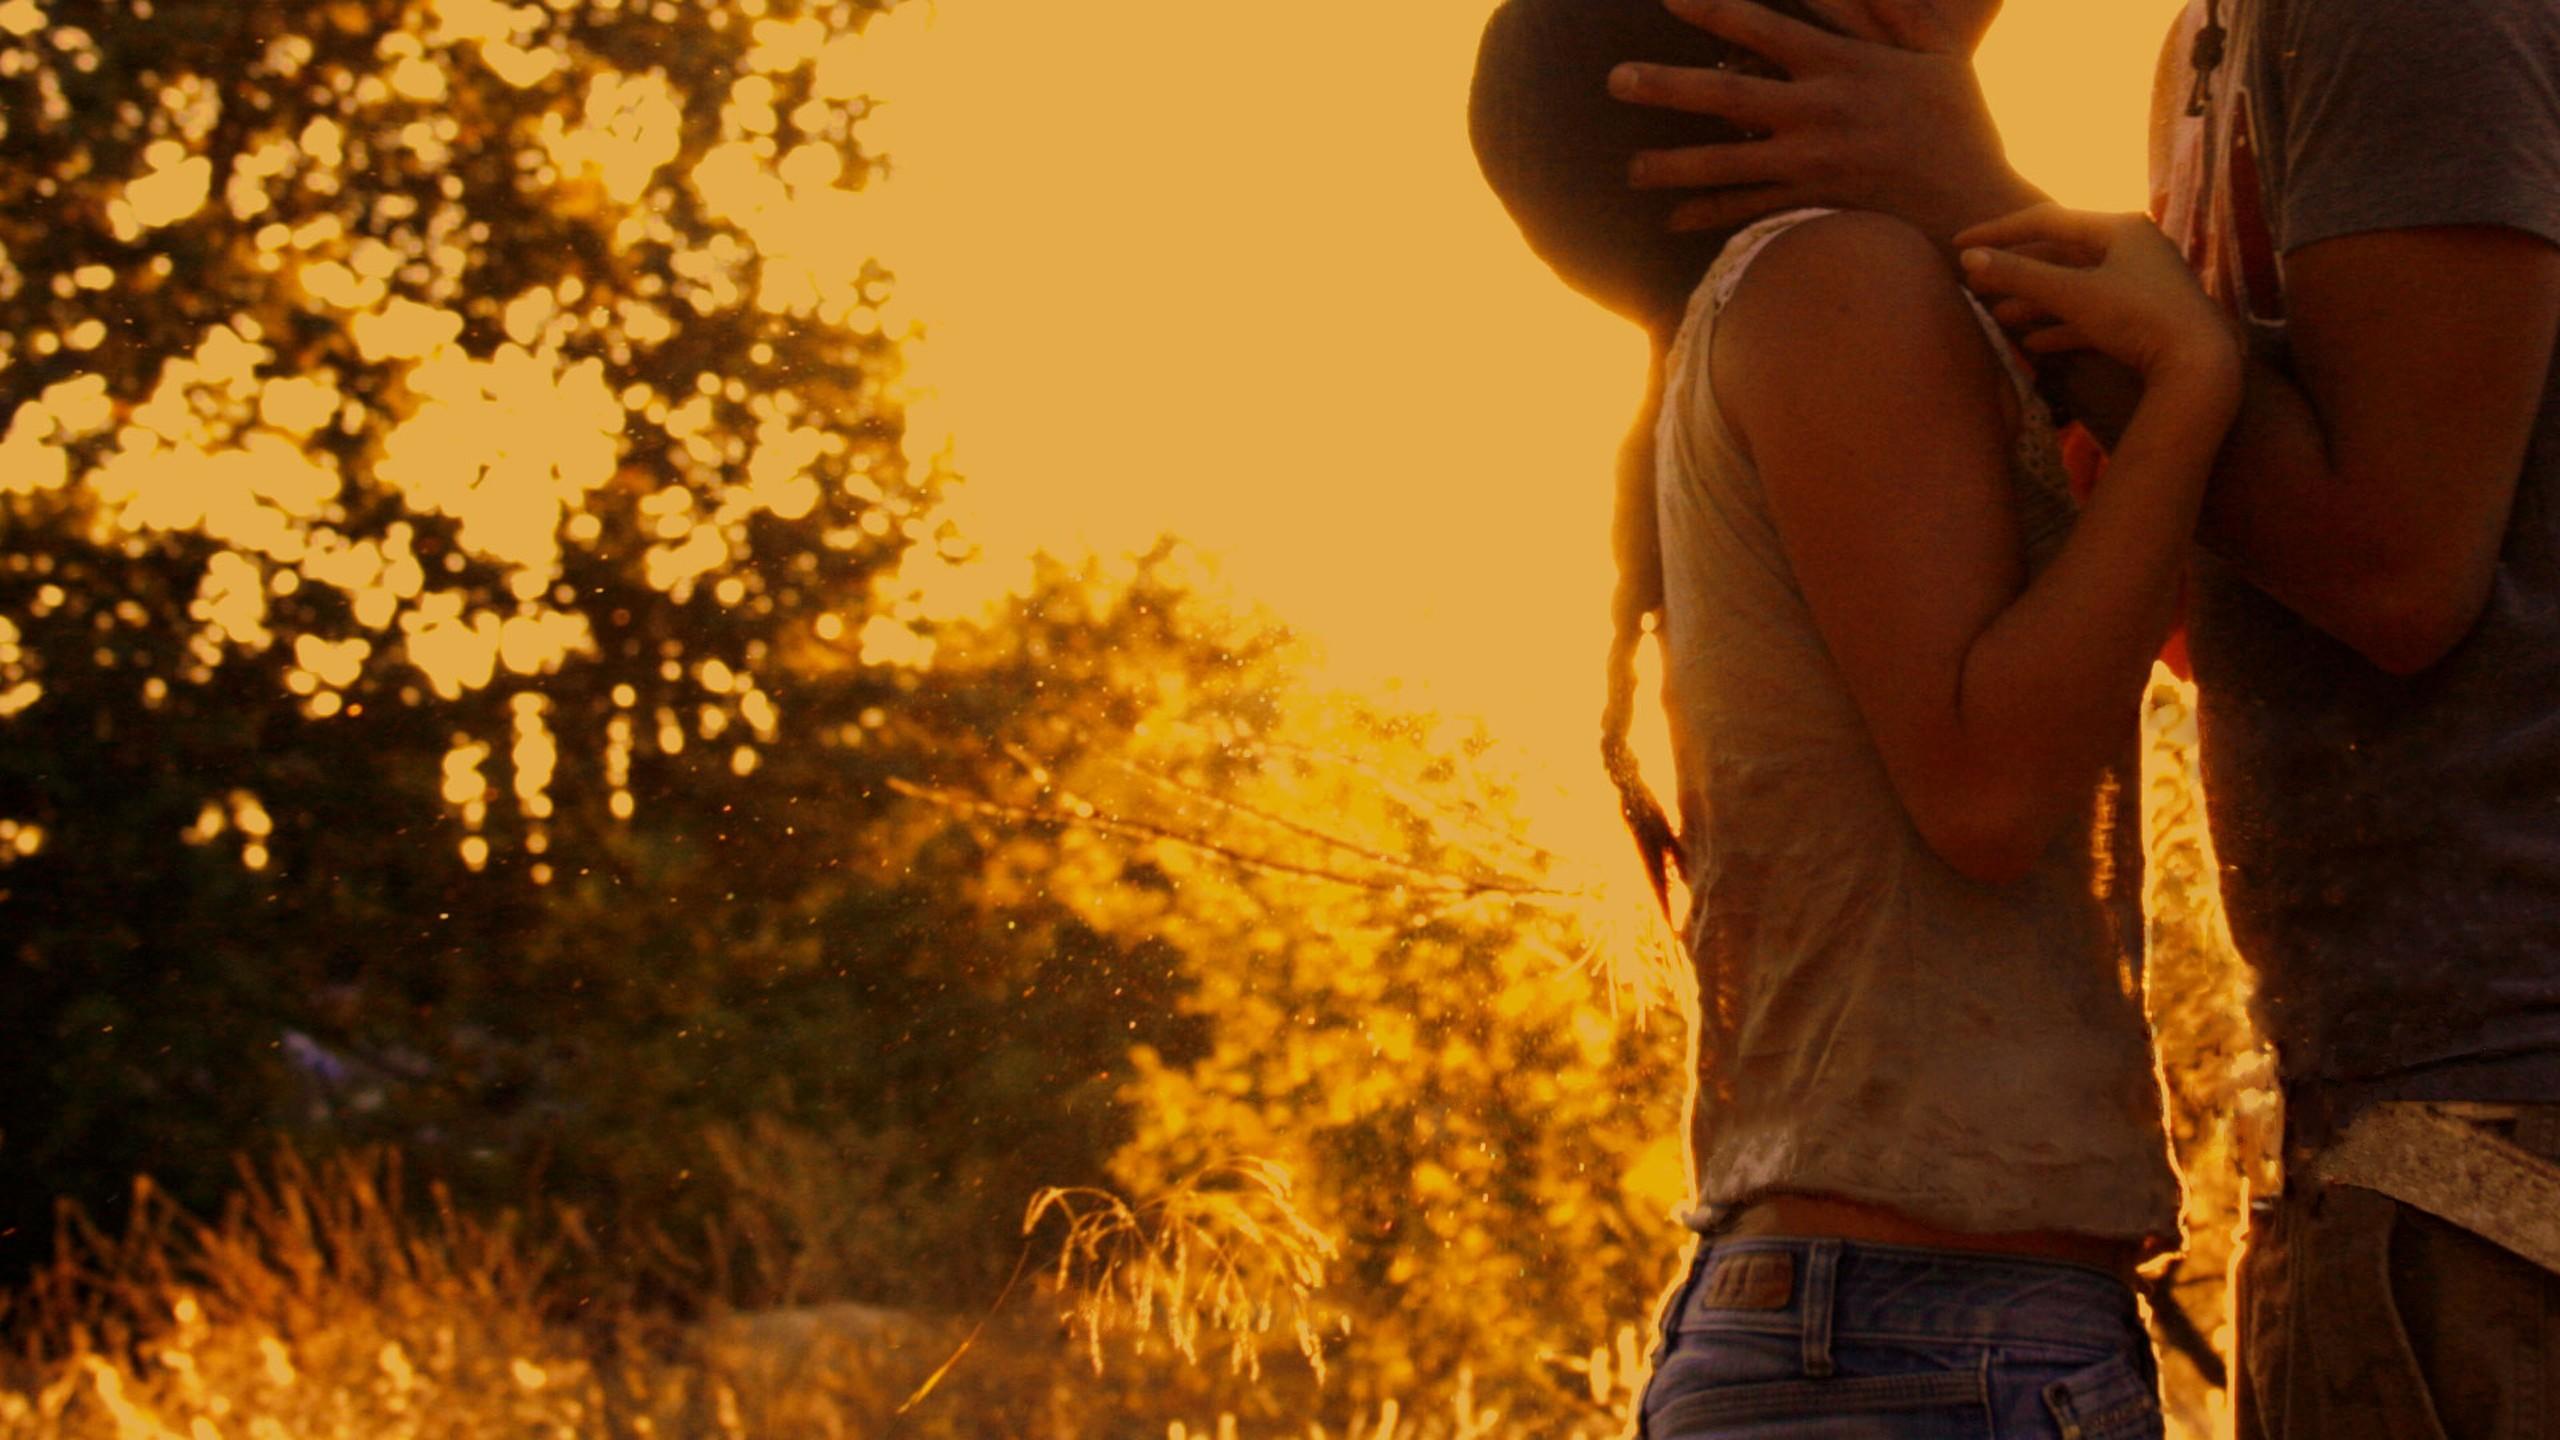 Картинки про любовь парень и девушка с надписью, картинки